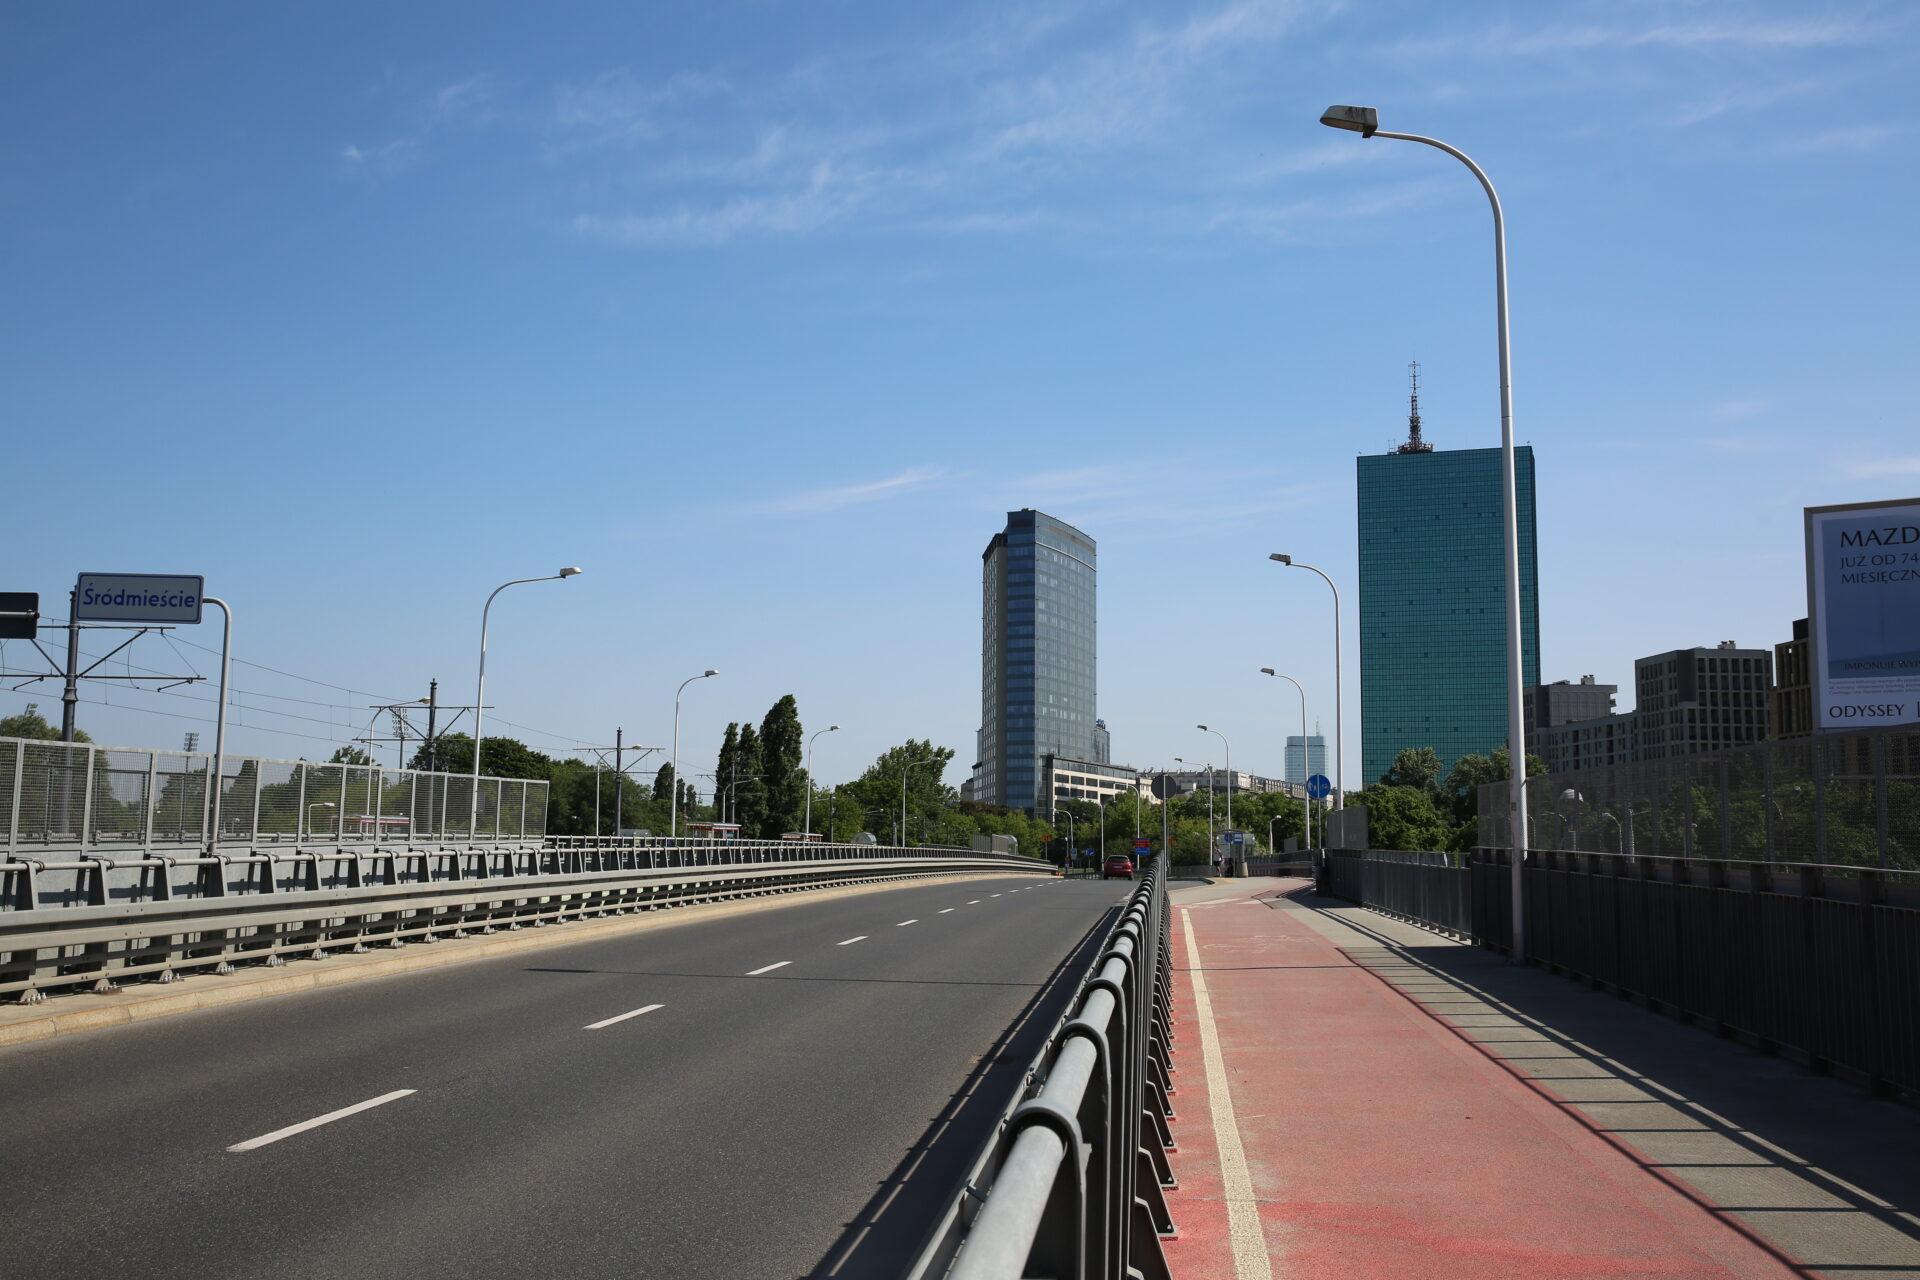 Zdjęcie współczesne. Droga nawiadukcie. Wtle dwa wysokie, szklane budynki.